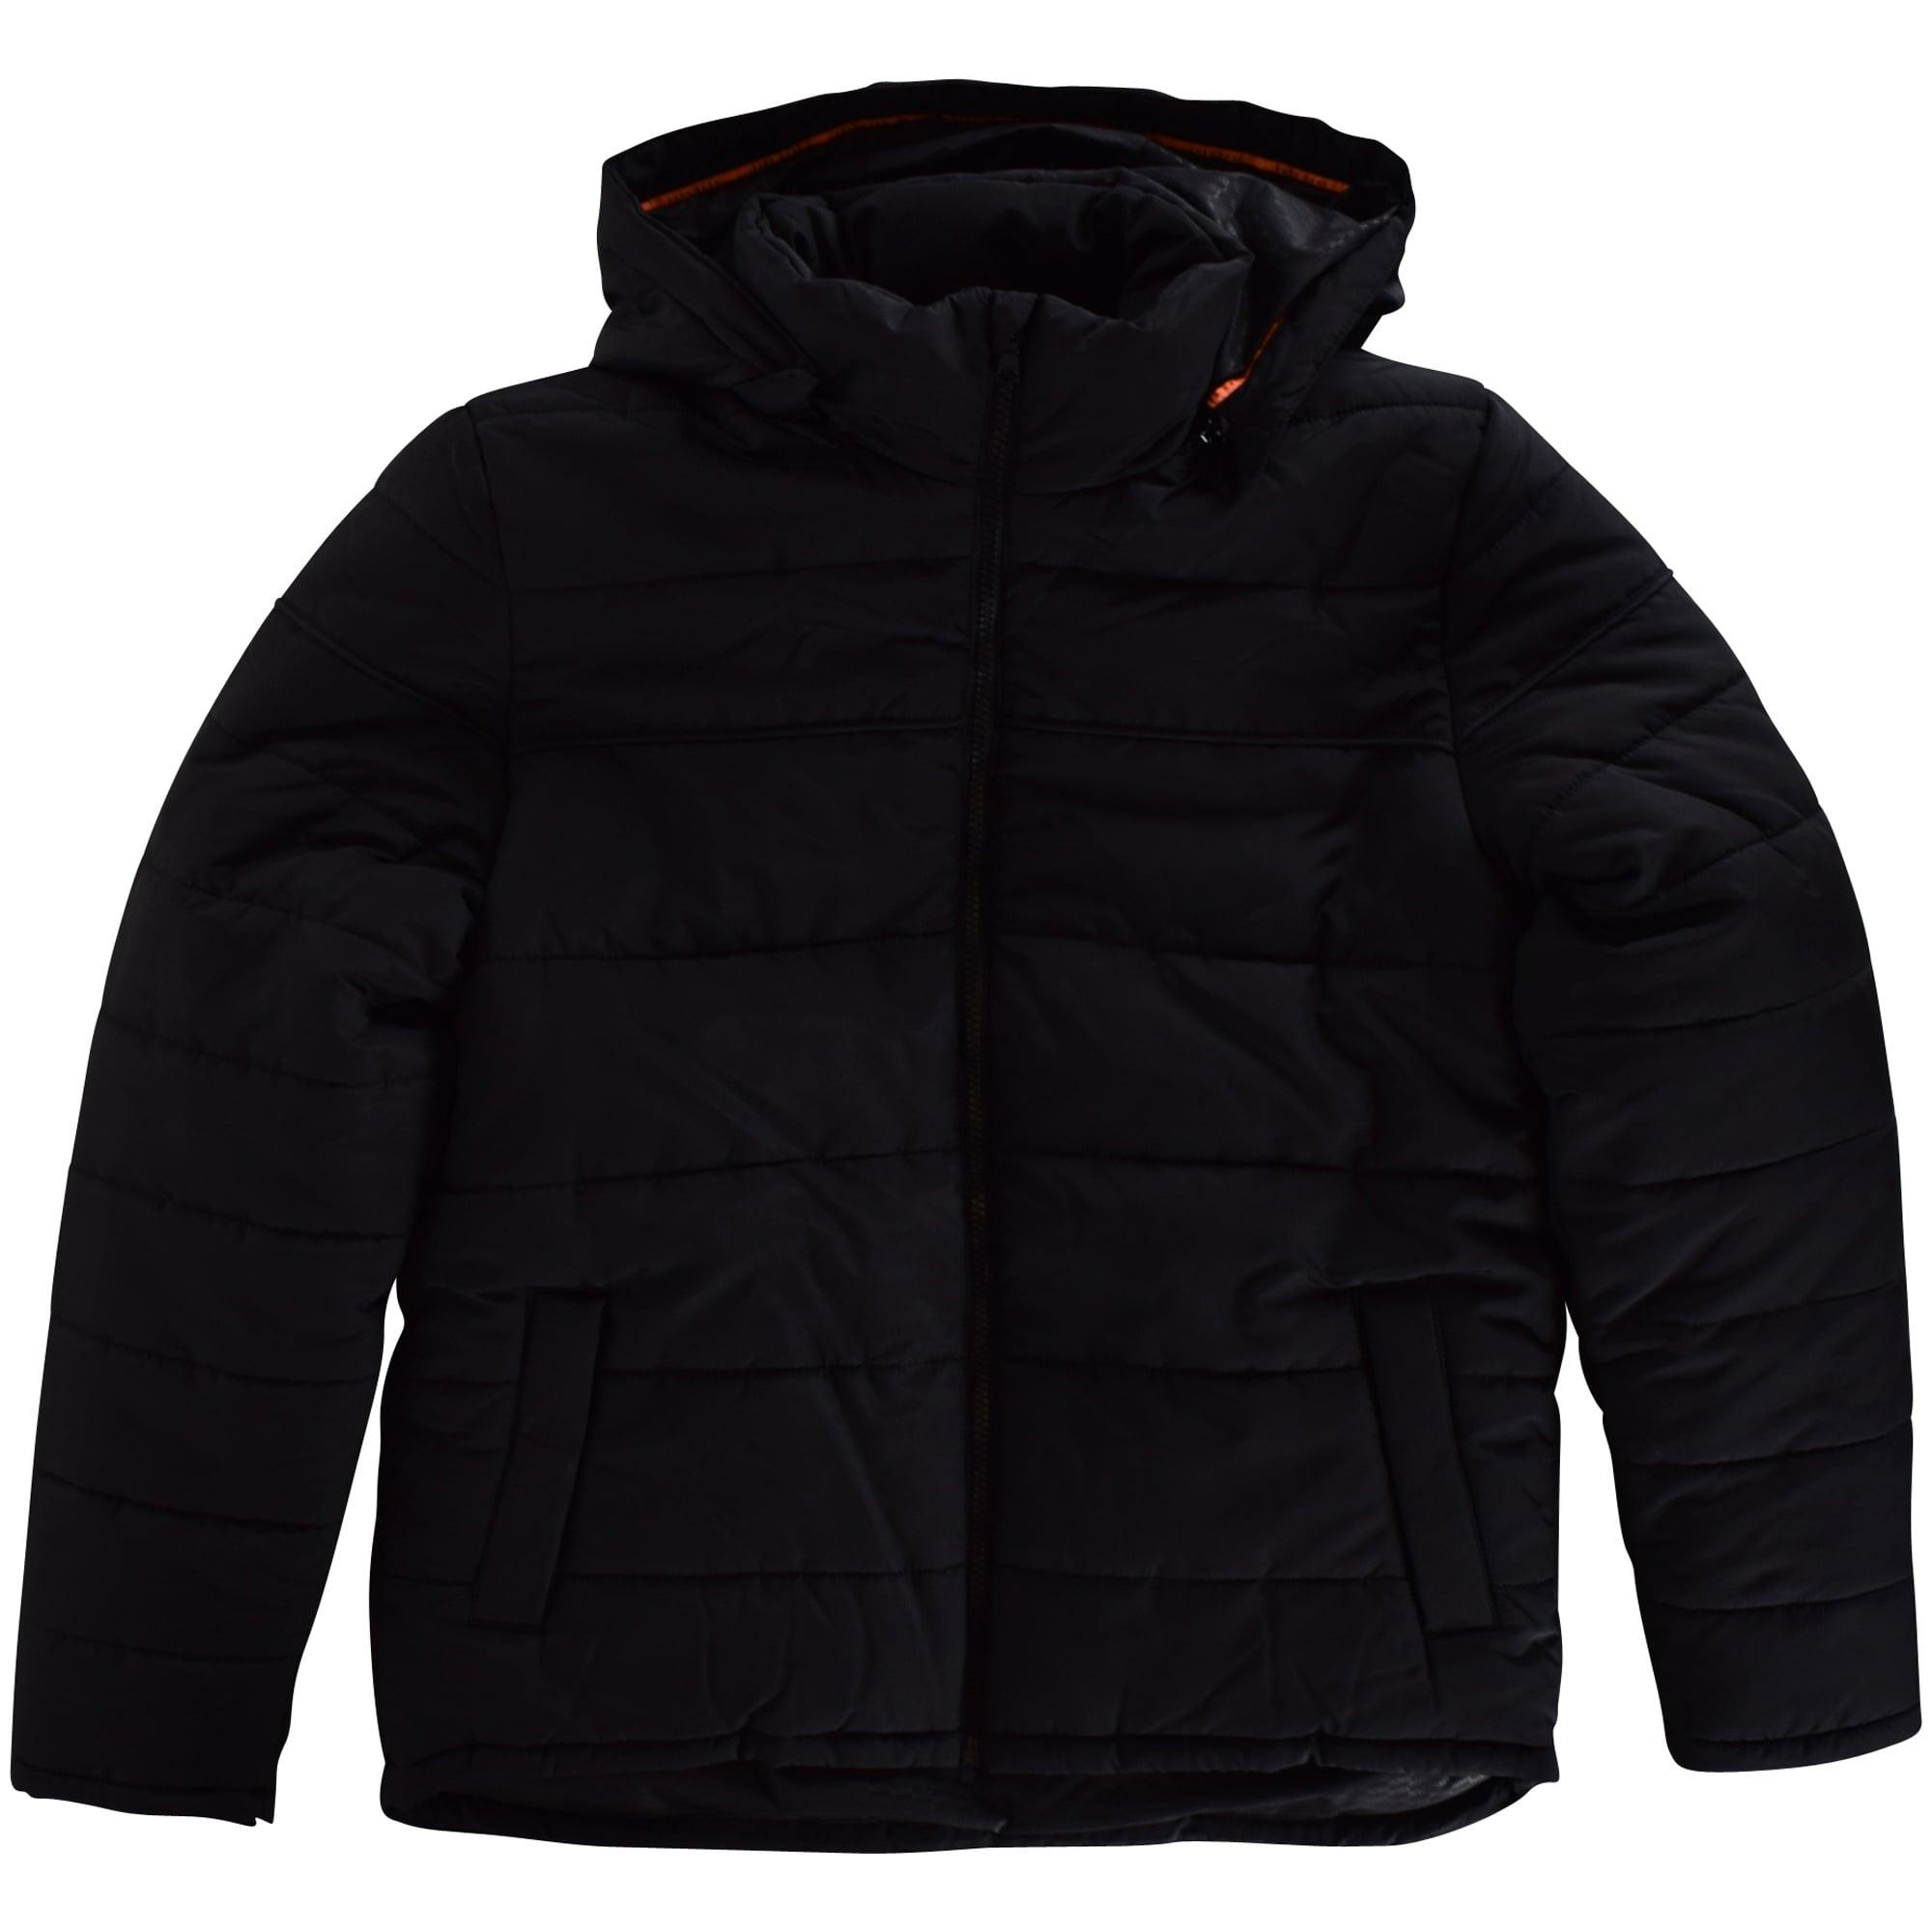 hugo boss hooded coat